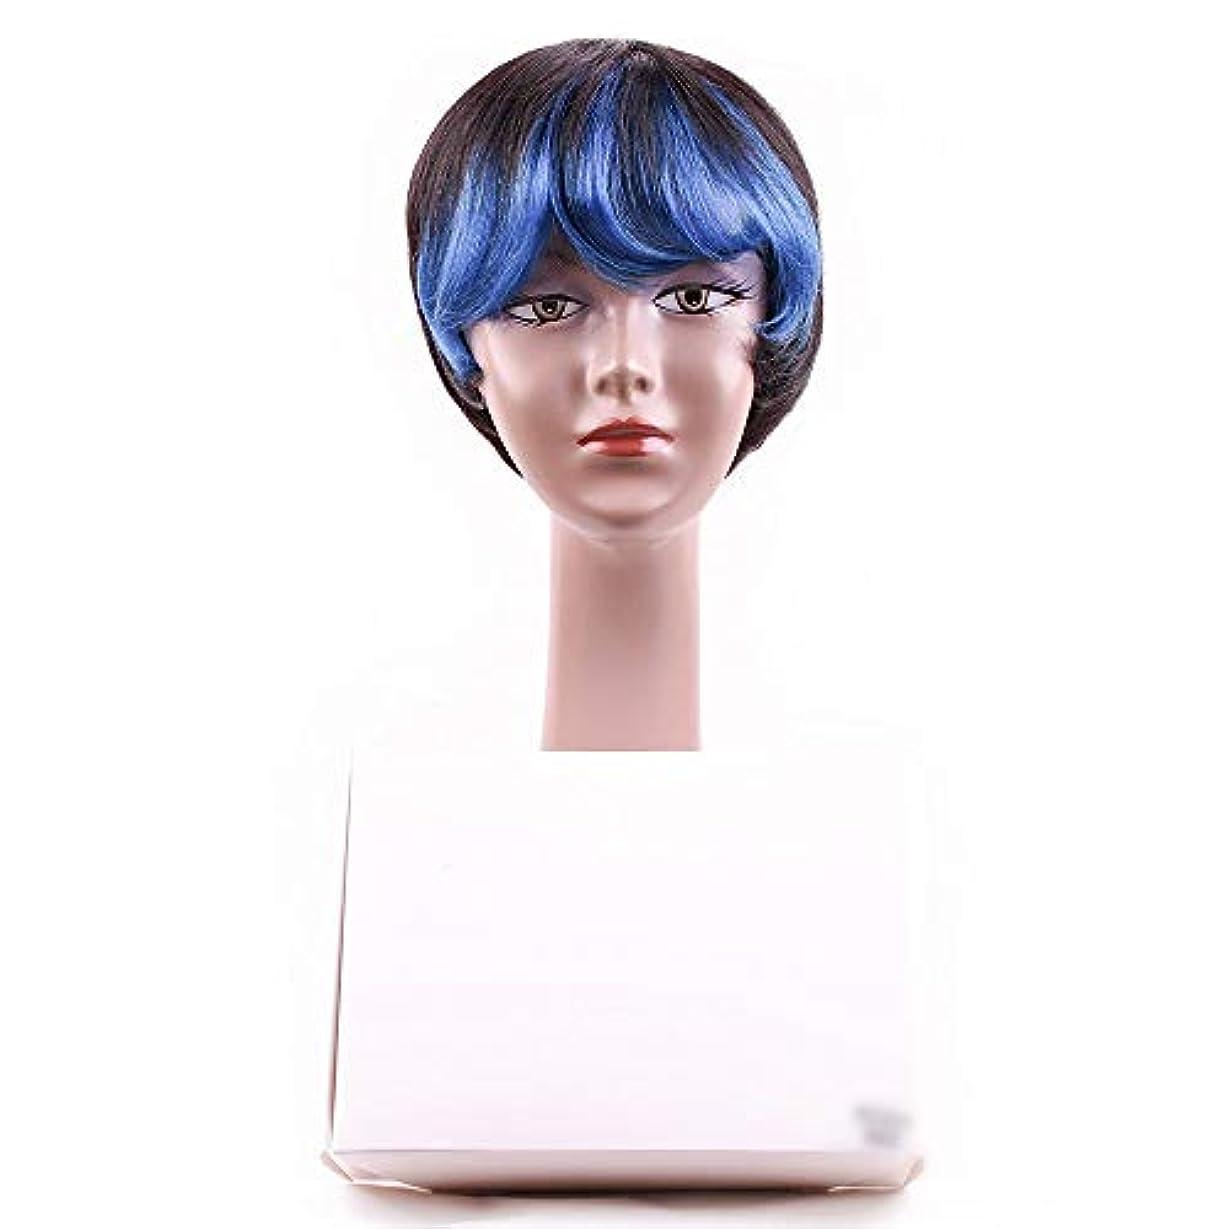 下に予算マイコンWASAIO 女性のためのウィッグキャップは、斜めとかつら全頭コスプレパーティーウィッグフィンガーウェーブフラッパーウィッグパーティーのコスプレ前髪ボブ (色 : 青)